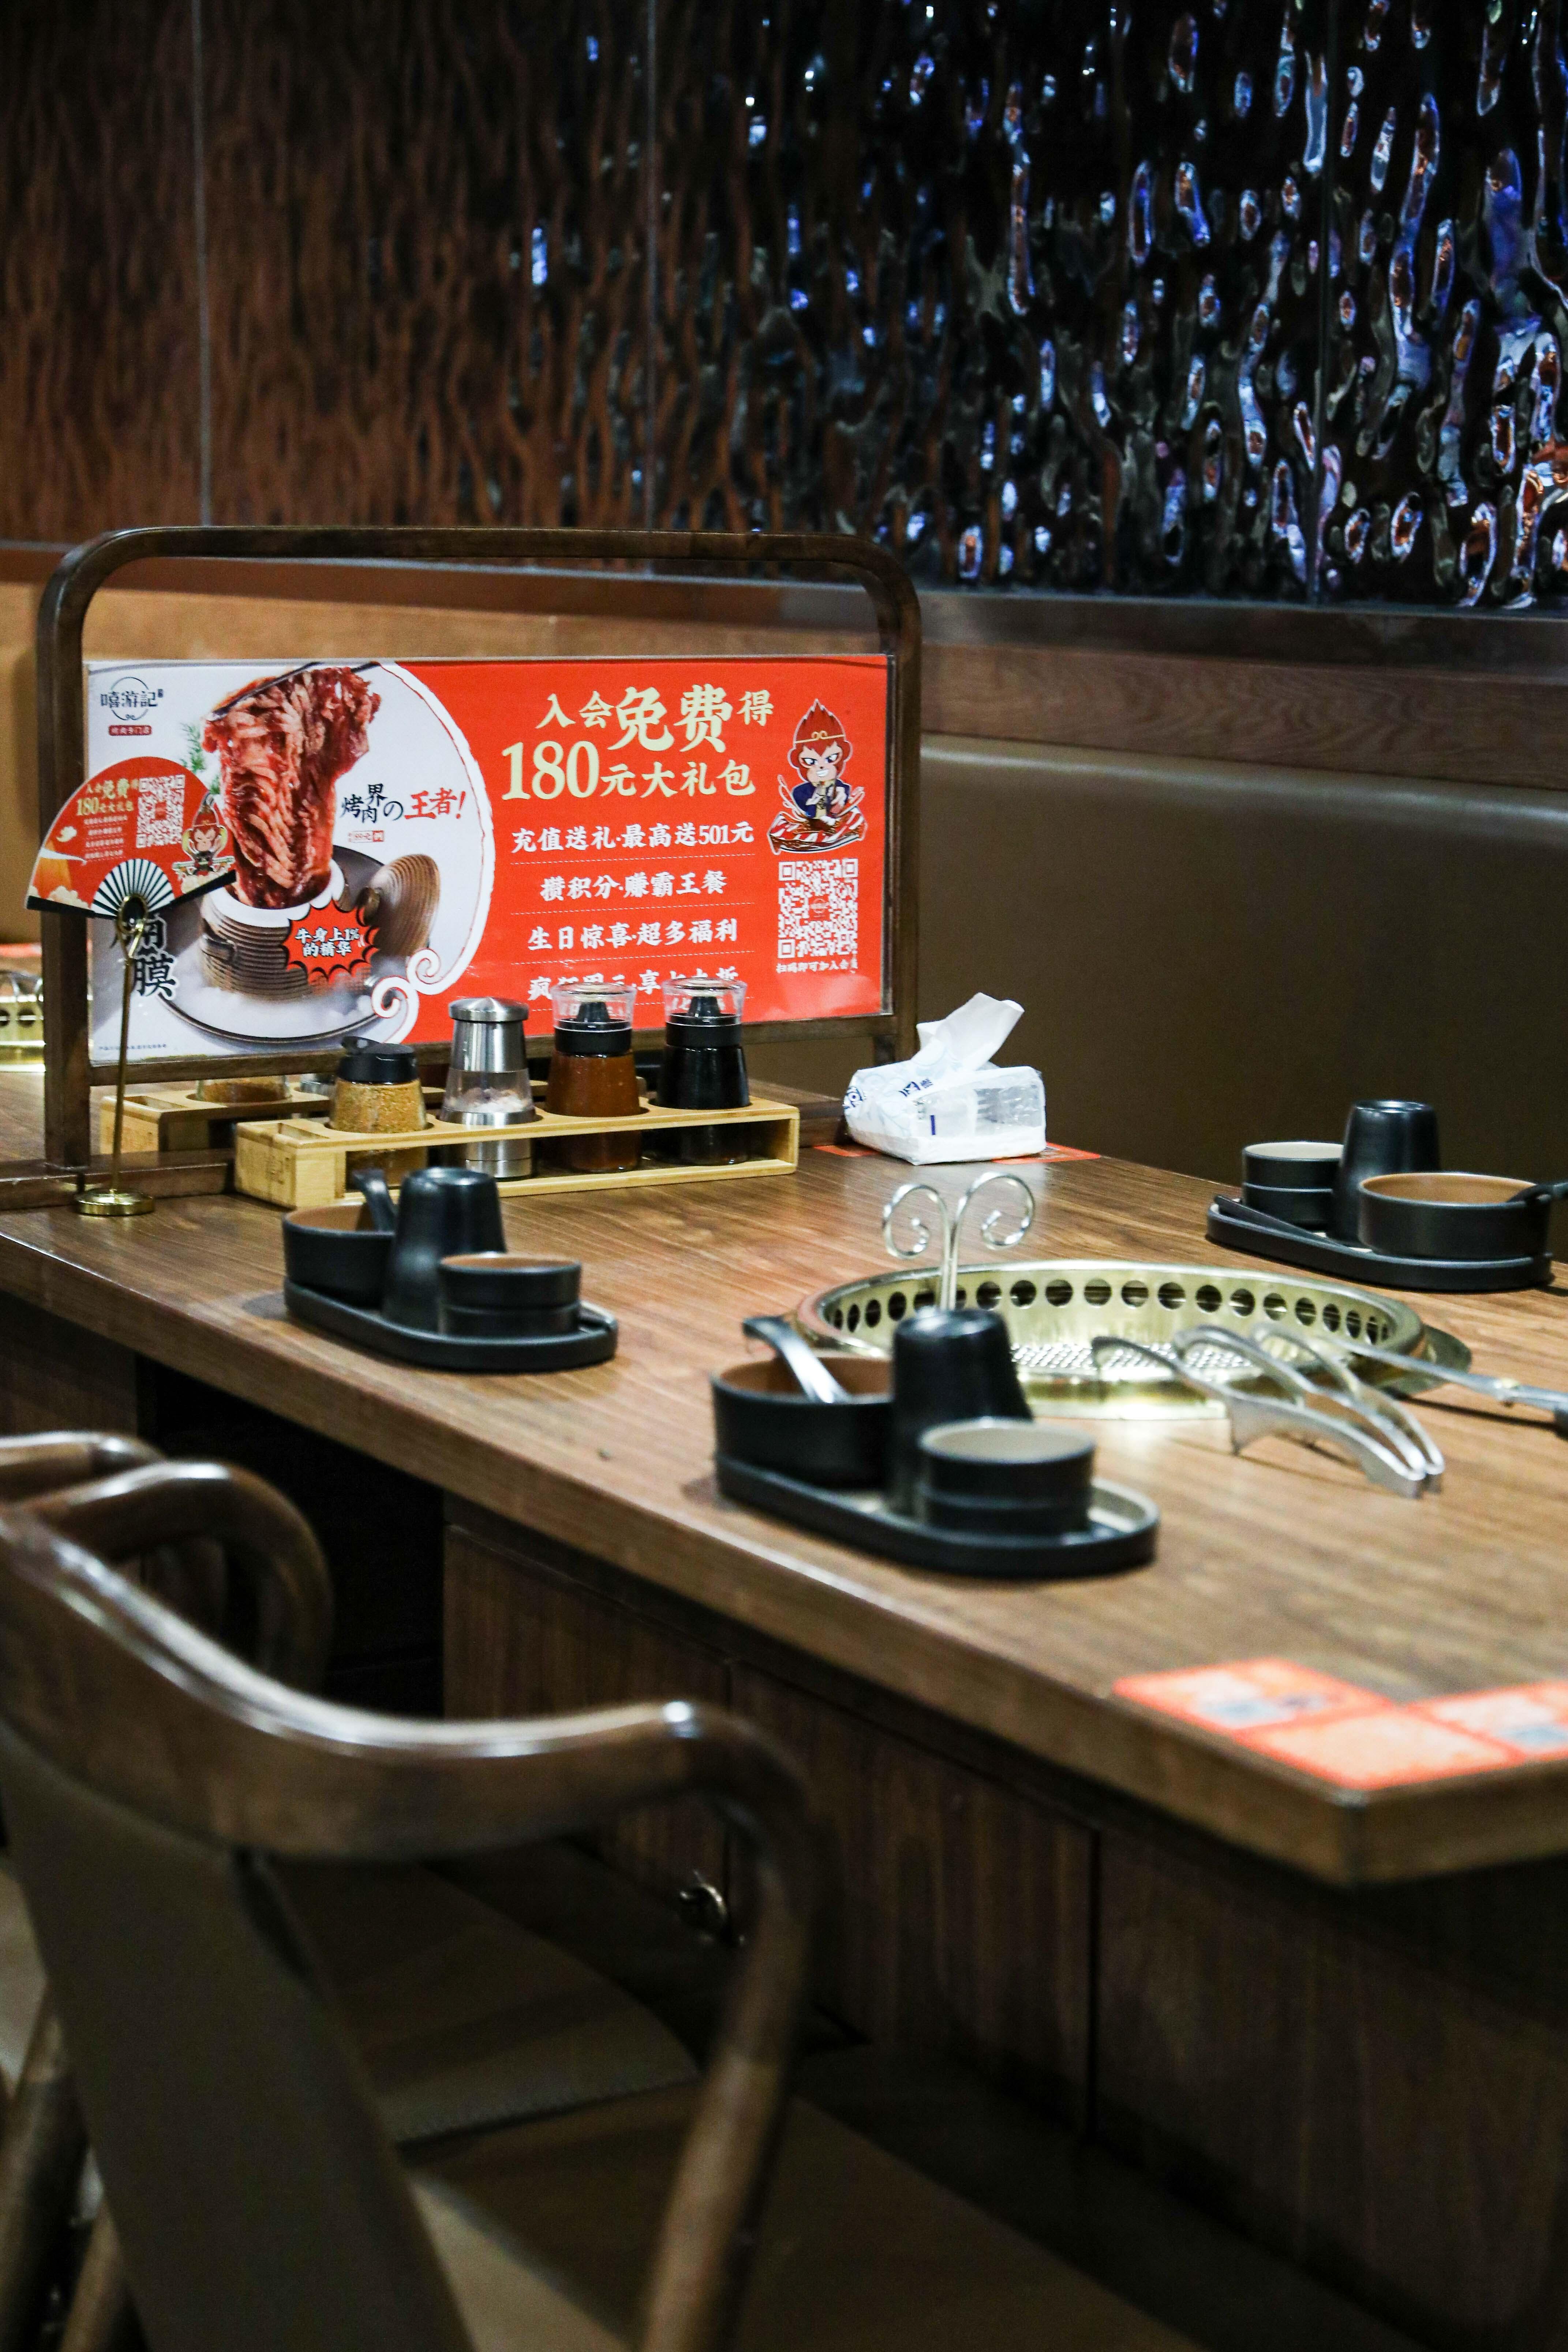 【嘻游记】全国13店通用|139元抢门市价331.8元的2-3人烤肉套餐!【电话预约】